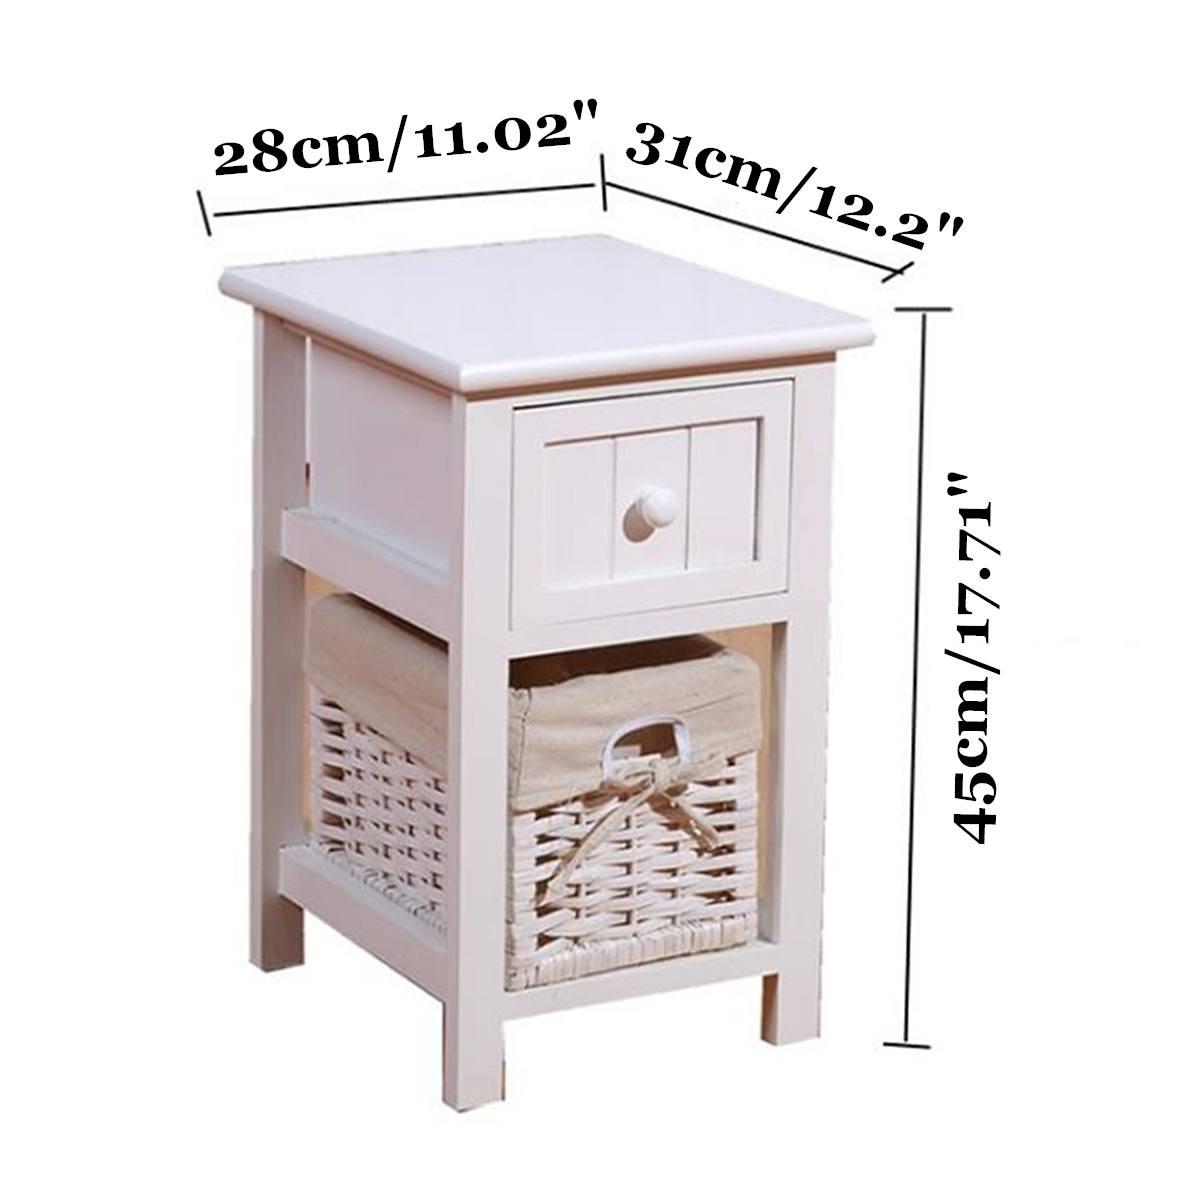 Tables de chevet en bois armoire tiroirs chambre meubles mode moderne maison dortoir stockage pastorale chevets 45X31X28 cm